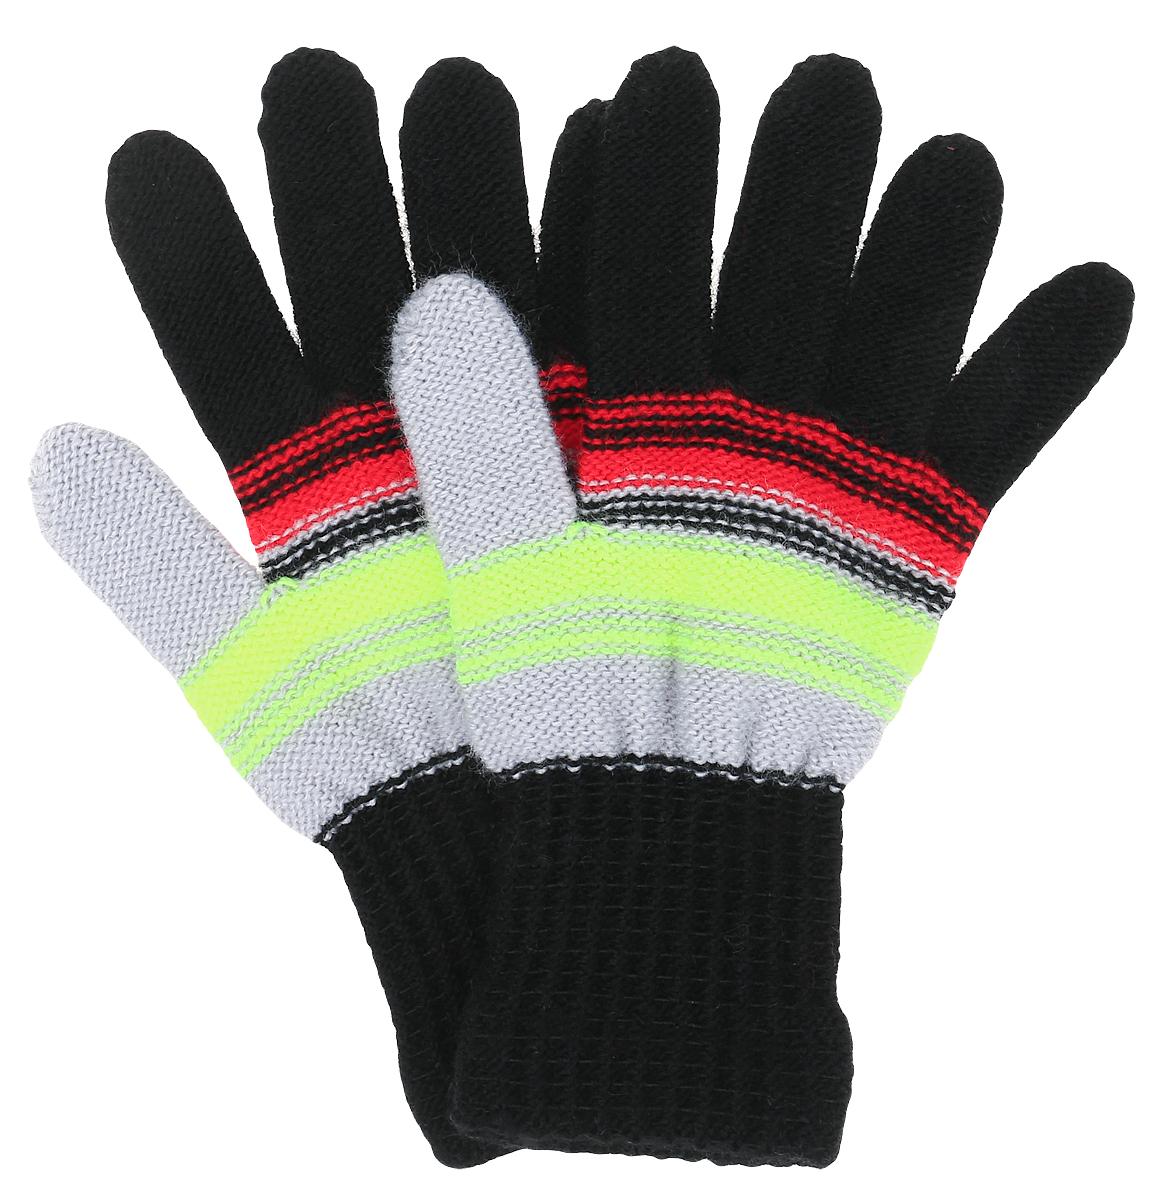 Перчатки детскиеRATATUI-22Уютные перчатки для девочки Margot Bis Ratatui изготовлены из высококачественного акрила, очень мягкие и хорошо сохраняют тепло. Перчатки оформлены стильным принтом в полоску. Верх модели на мягкой резинке, которая не стягивает запястья и надежно фиксирует перчатки на ручках ребенка.